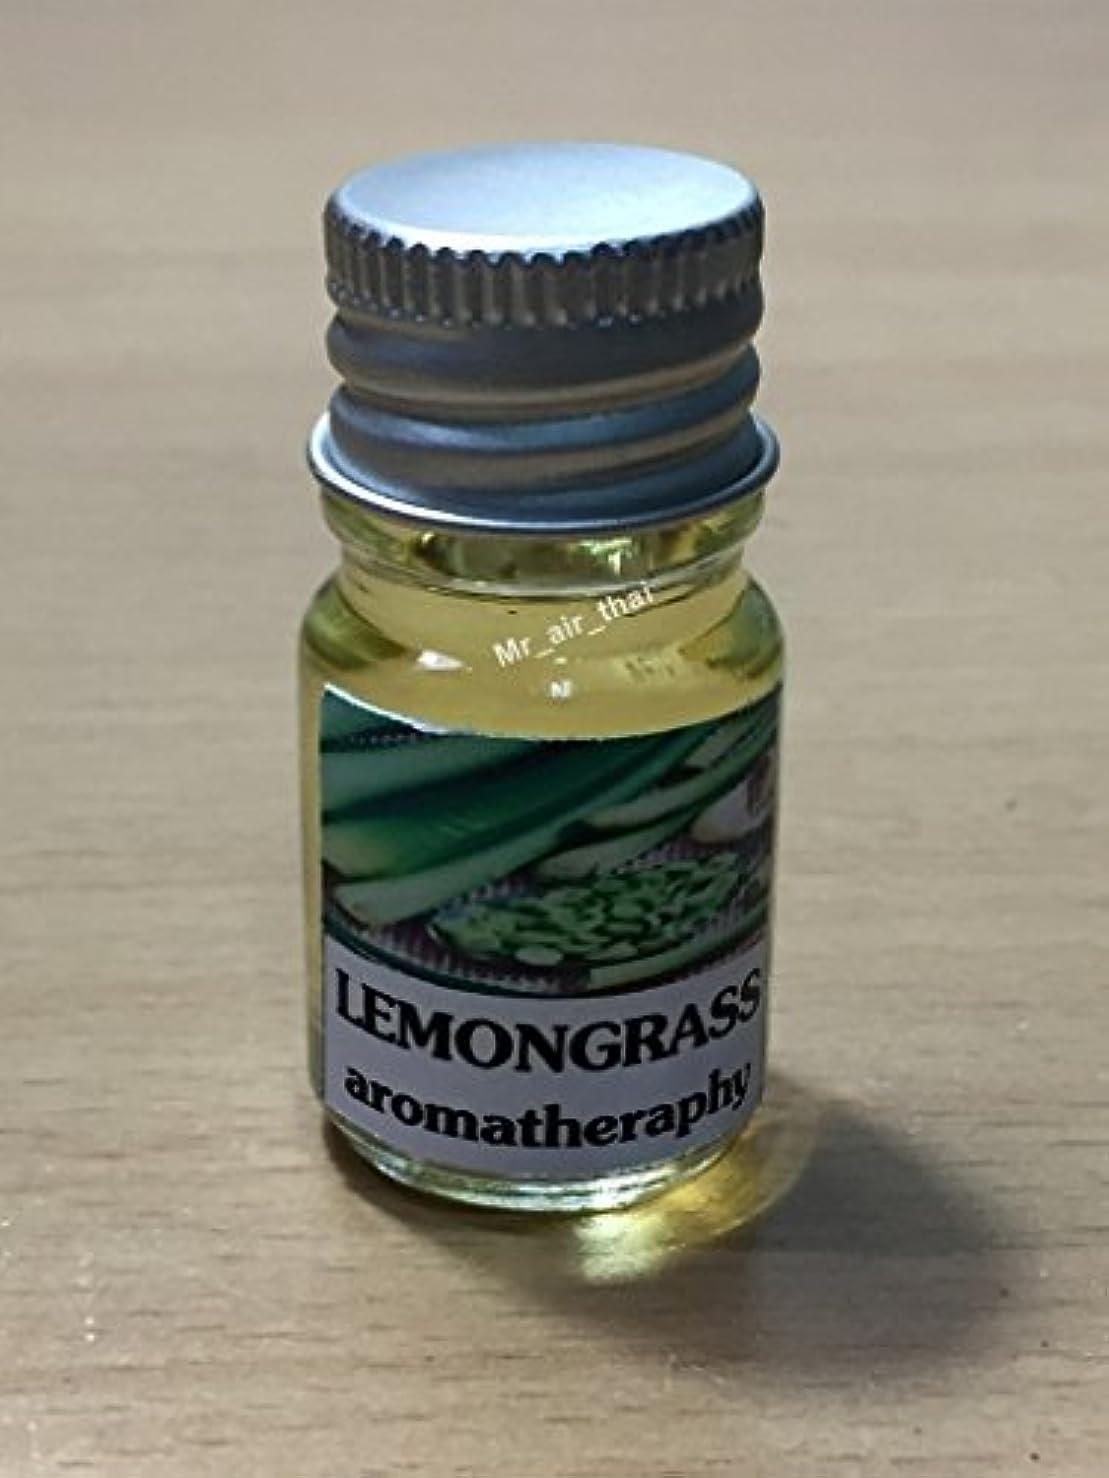 酸素話す岩5ミリリットルアロマレモングラスフランクインセンスエッセンシャルオイルボトルアロマテラピーオイル自然自然5ml Aroma Lemongrass Frankincense Essential Oil Bottles Aromatherapy...